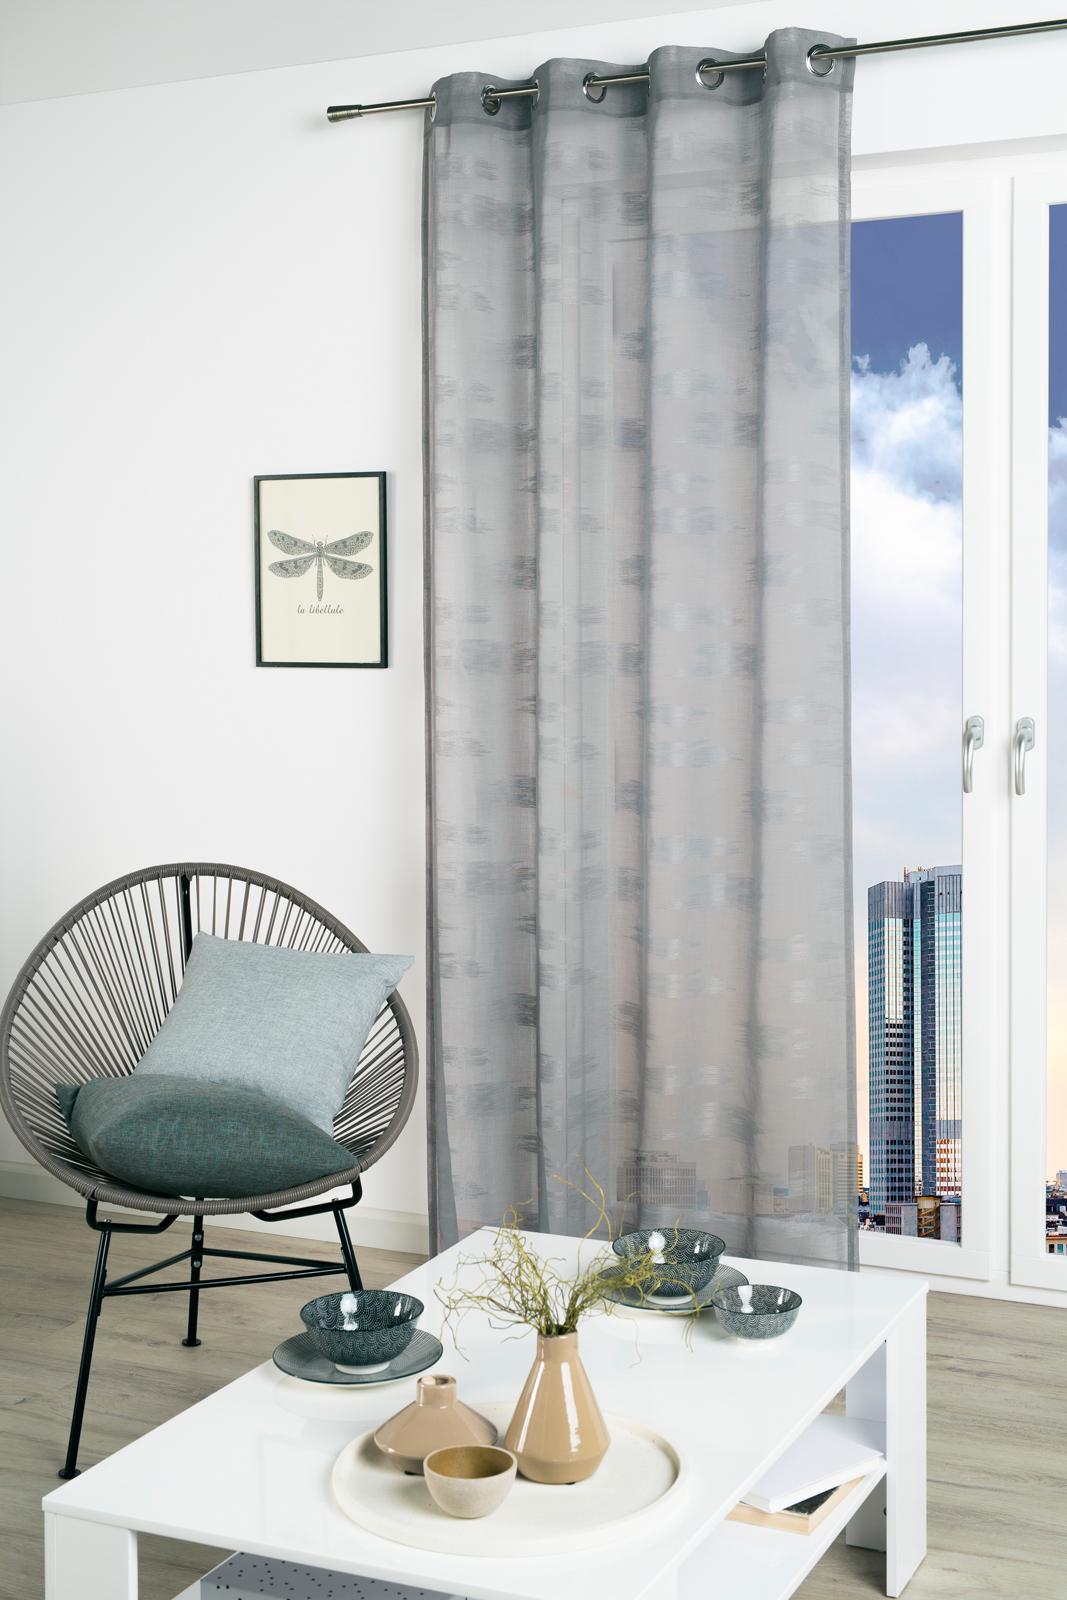 Gardinen und Vorhänge - Ösenschal Vorhang Gardine lichtdurchlässig 135x245 mit Metallösen Maren grau 300301 2  - Onlineshop PremiumShop321